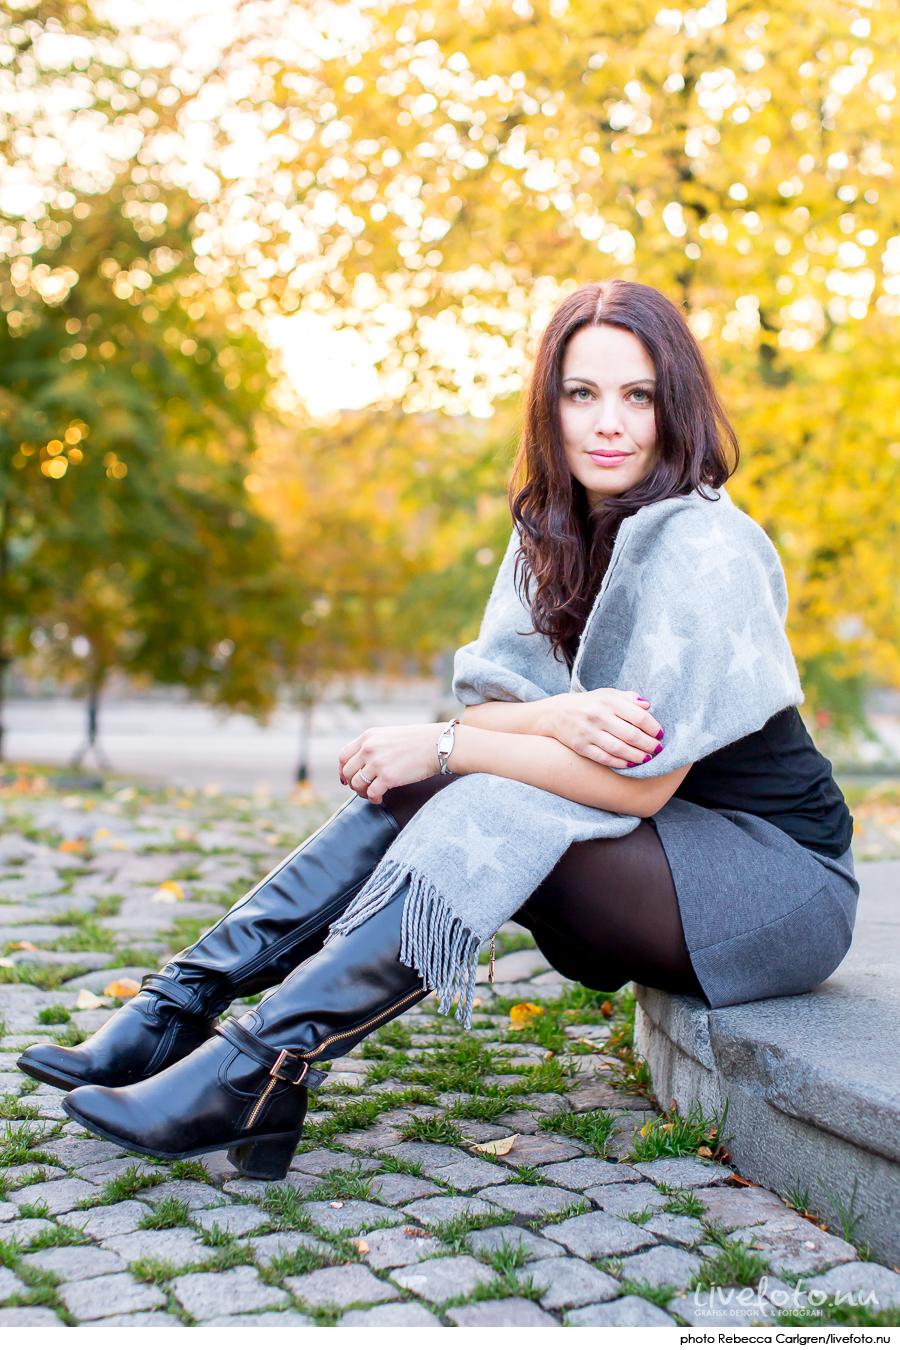 151026_asa-kallkvist_Photo_Rebecca-Carlgren_livefoto.nu_-14